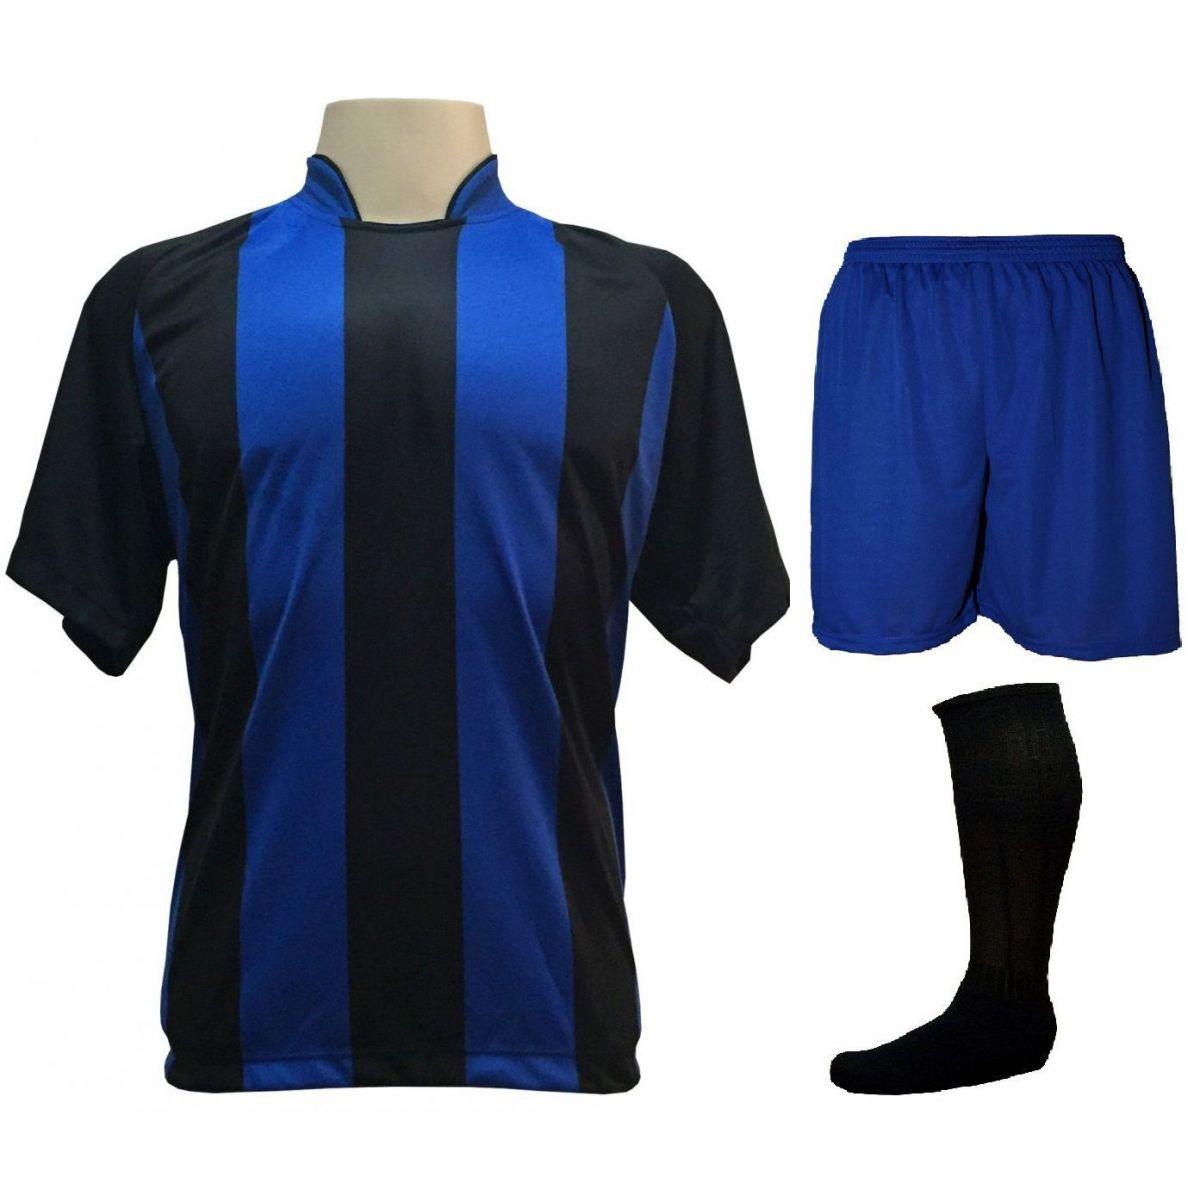 Uniforme Esportivo com 12 Camisas modelo Milan Preto Royal + 12 Calções  modelo Madrid Royal ... 42b586b947b91